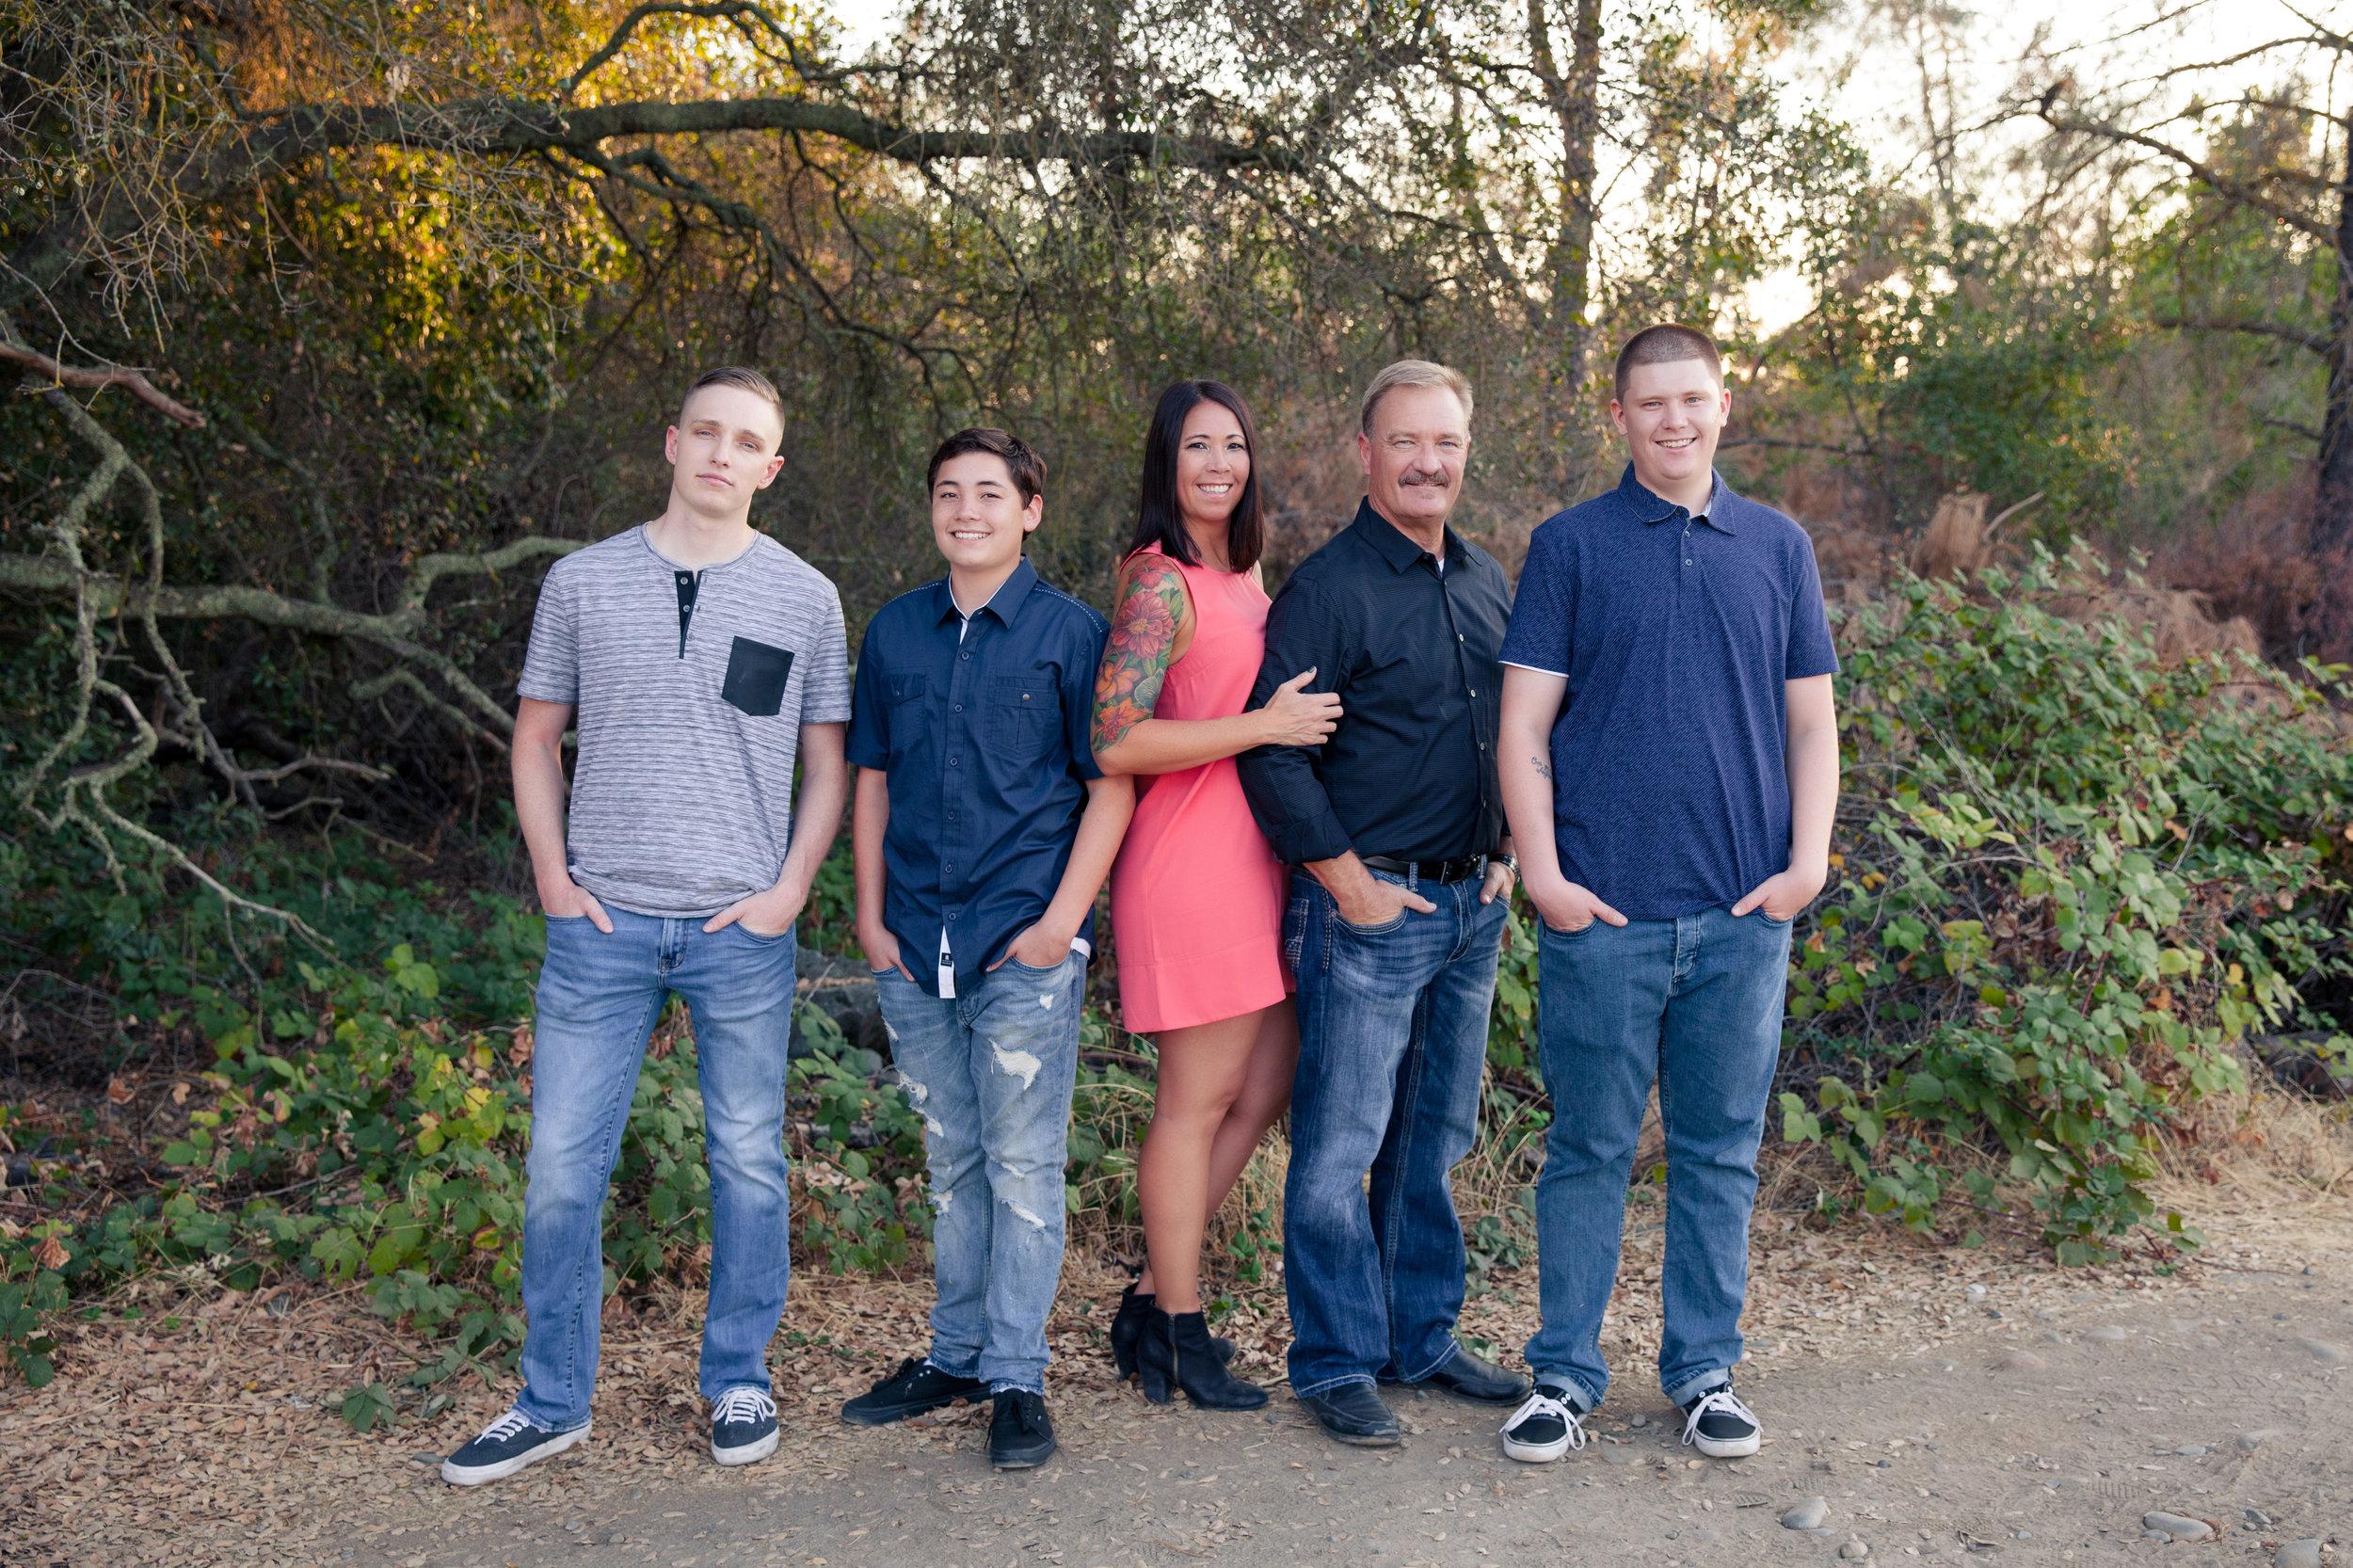 ruggles family -4.jpg